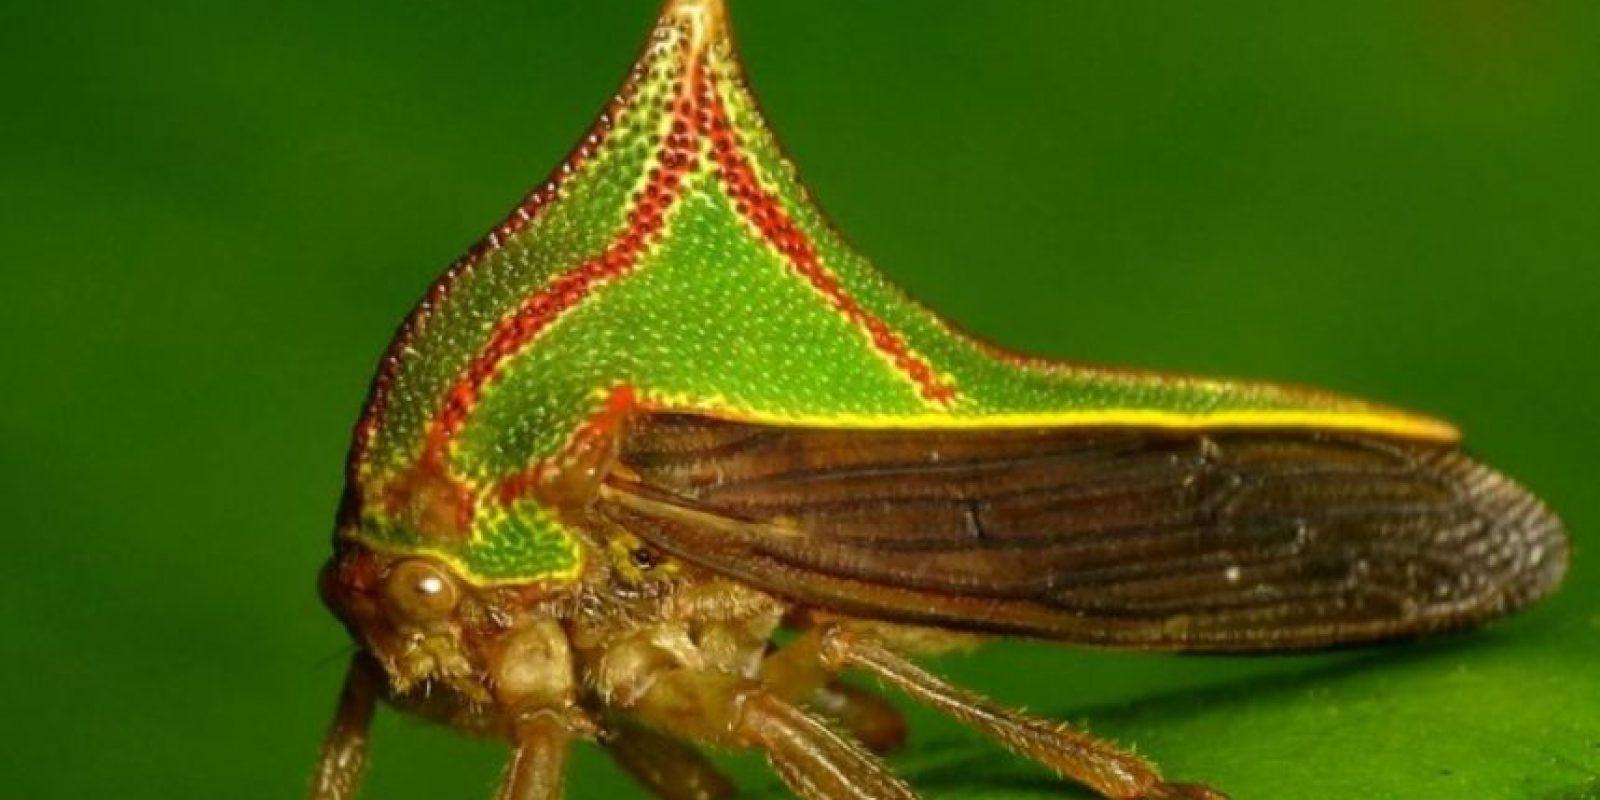 Umbonia spinosa: insecto espino. Se camuflan, precisamente como espinas, y se encuentran en el trópico. Ponen sus huevos en ramas nuevas de los árboles. Foto:Va Flickr